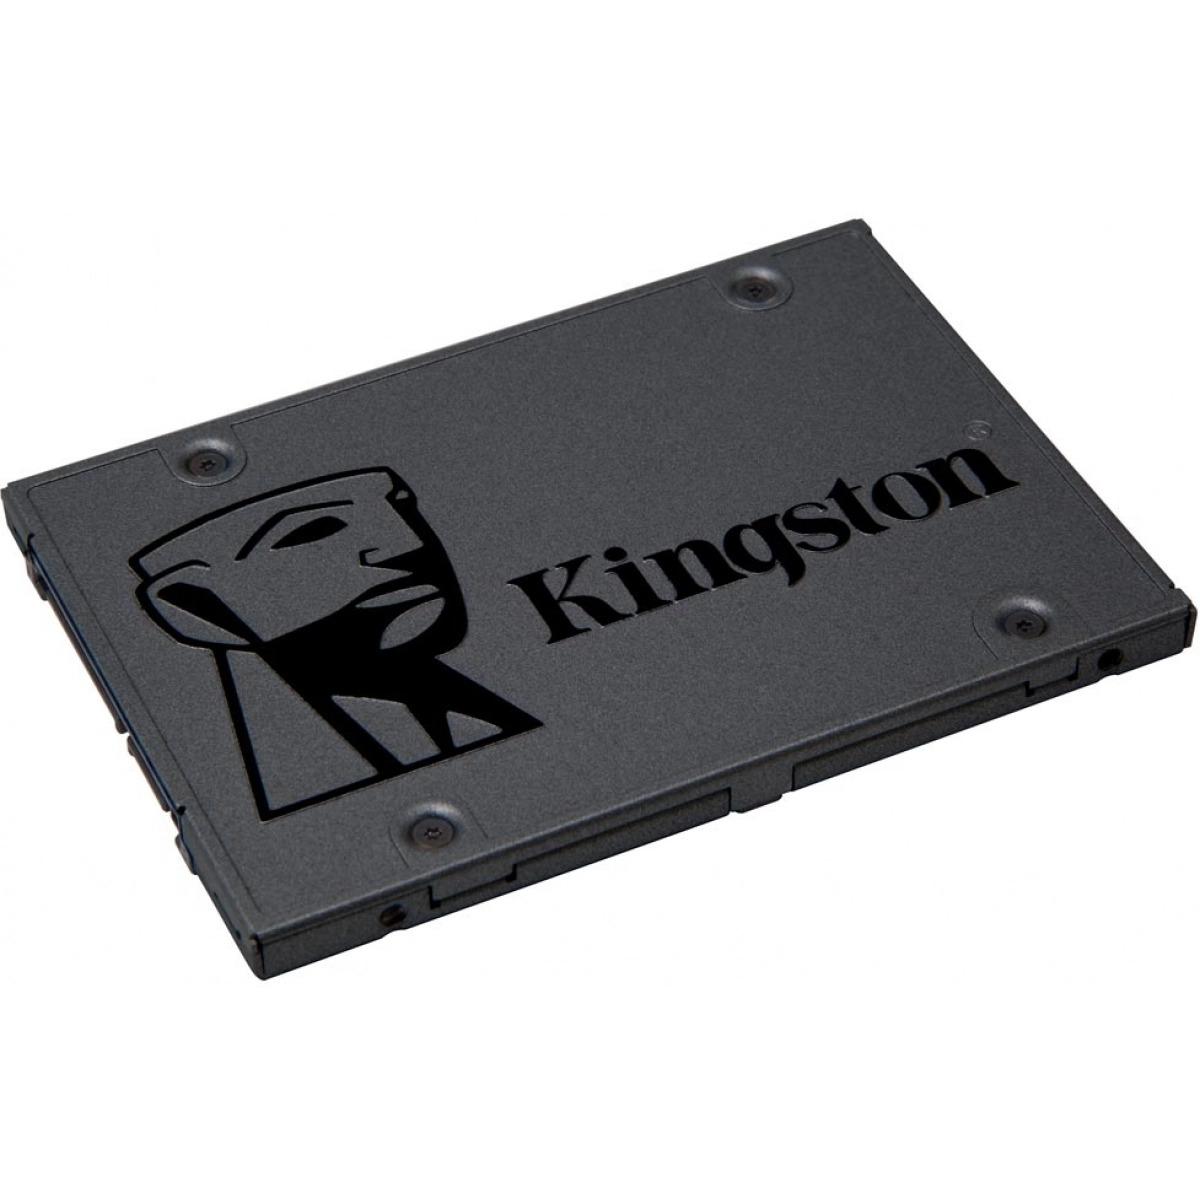 Hd ssd 120gb A400 Sata3 Kingston